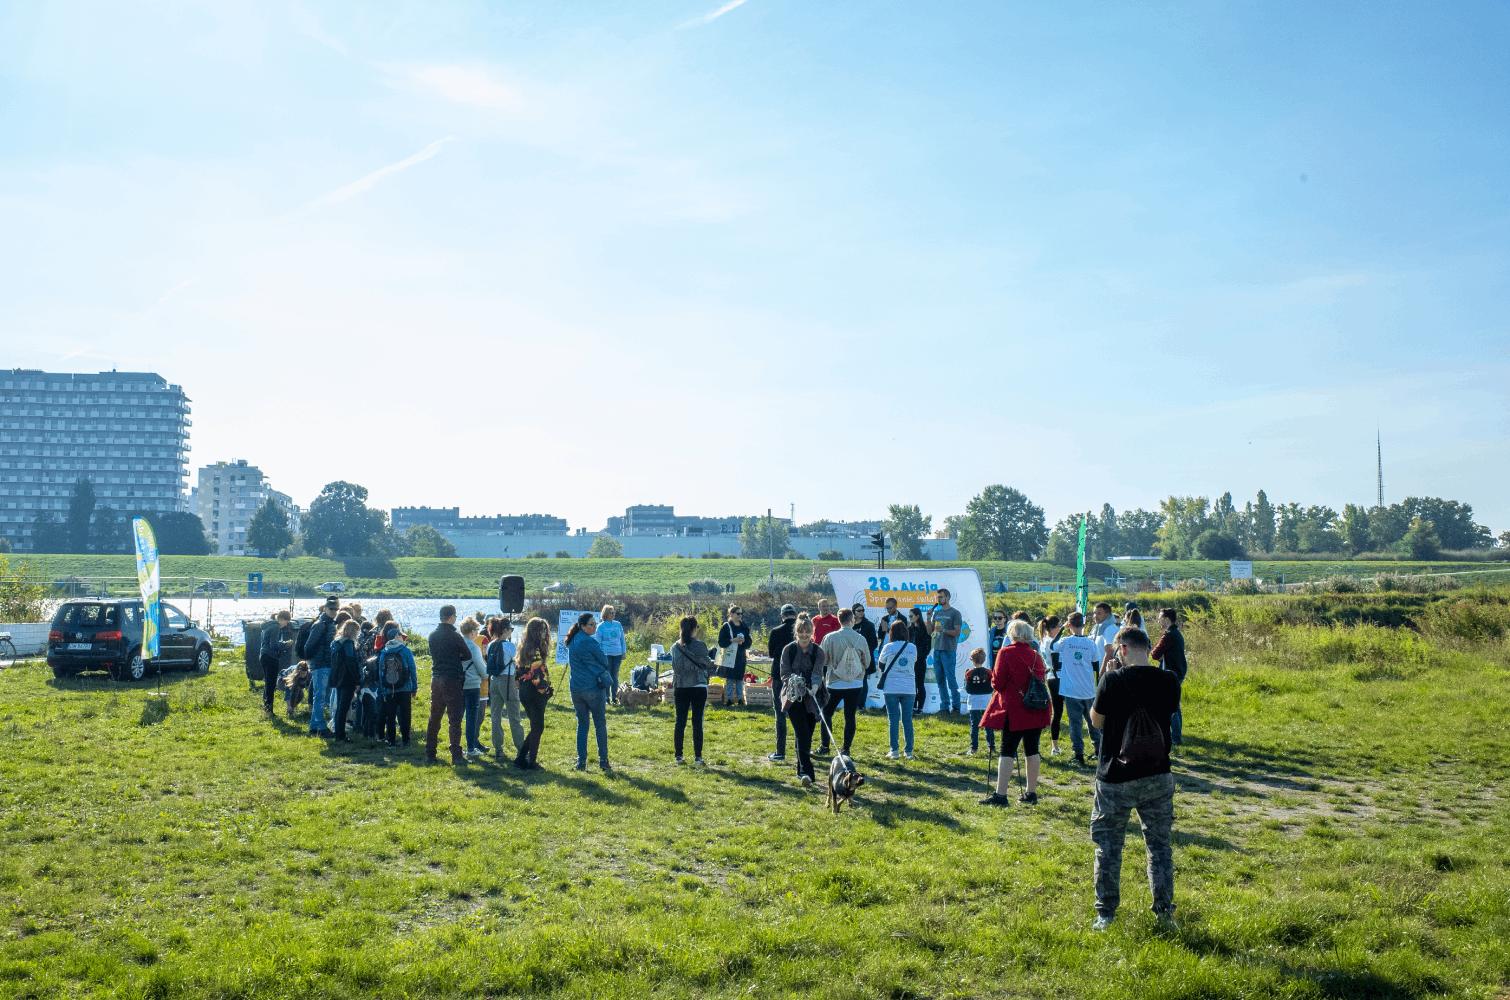 Pracownicy Kauflanda we Wrocławiu, razem ze swoimi rodzinami i bliskimi, wzięli udział w akcji sprzątania świata (Fot. mat. pras.)